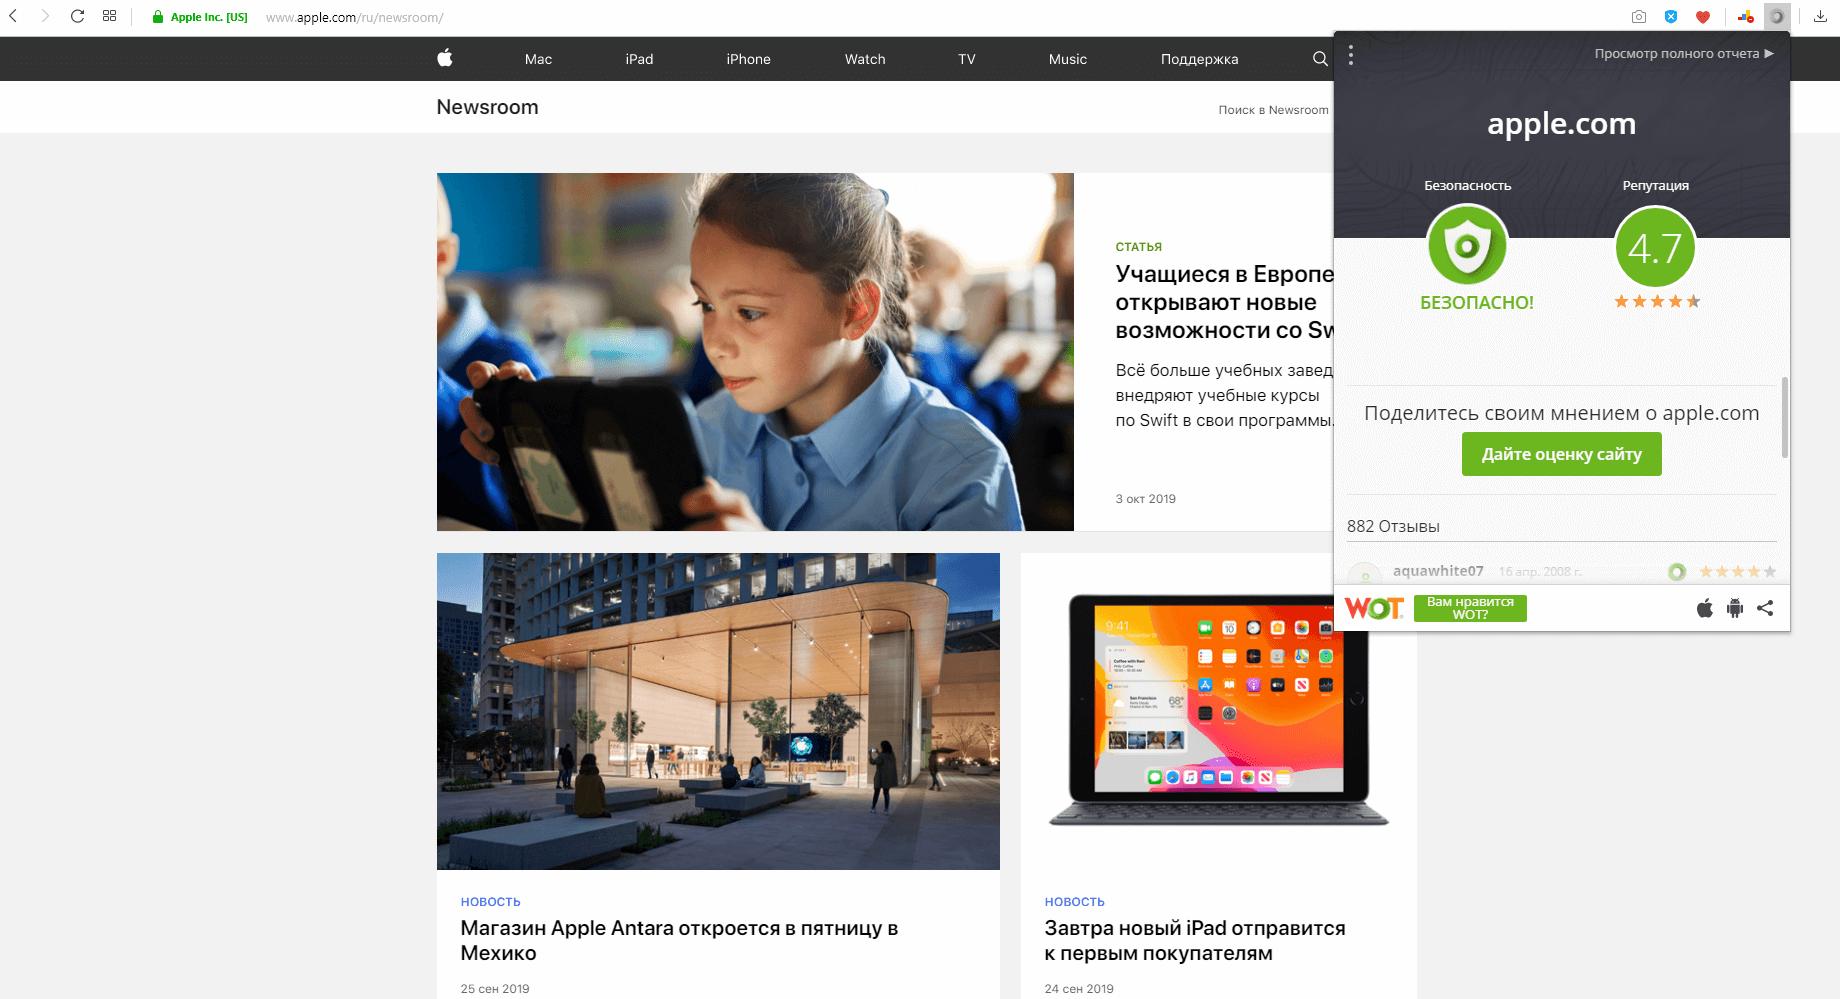 Скриншот сайта с окном оценки безапасности Web Of Trust